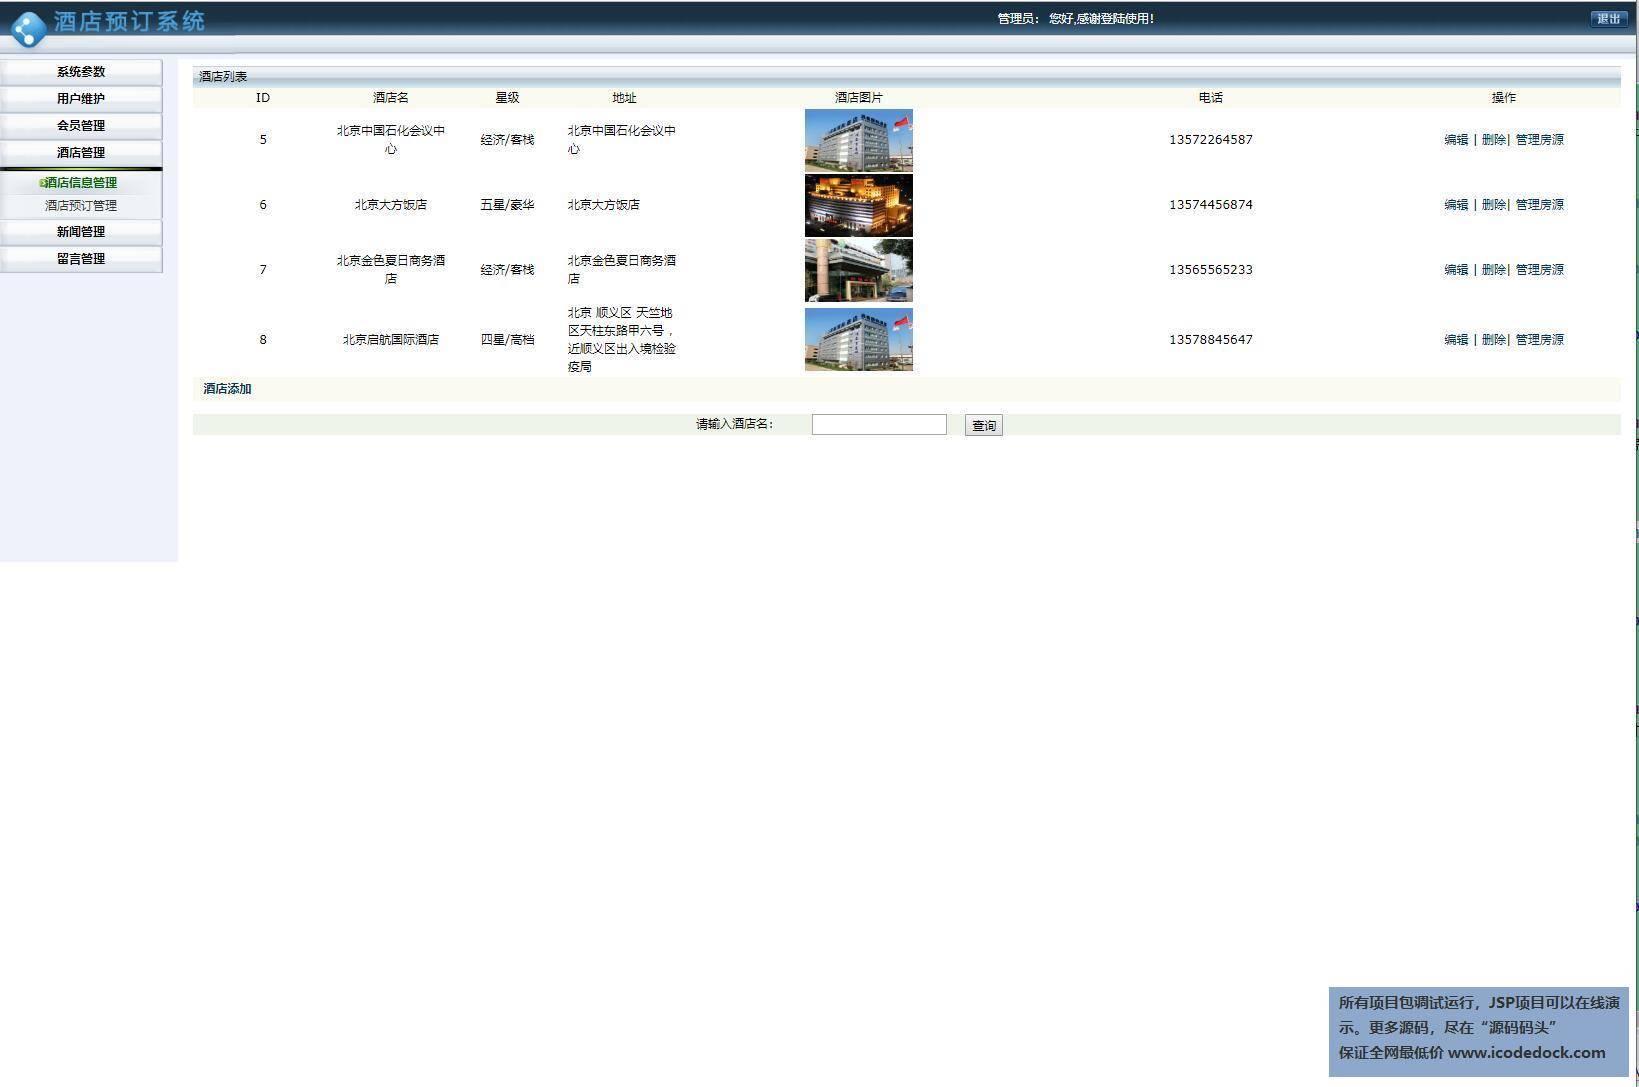 源码码头-JSP酒店预定管理系统-管理员角色-酒店信息管理